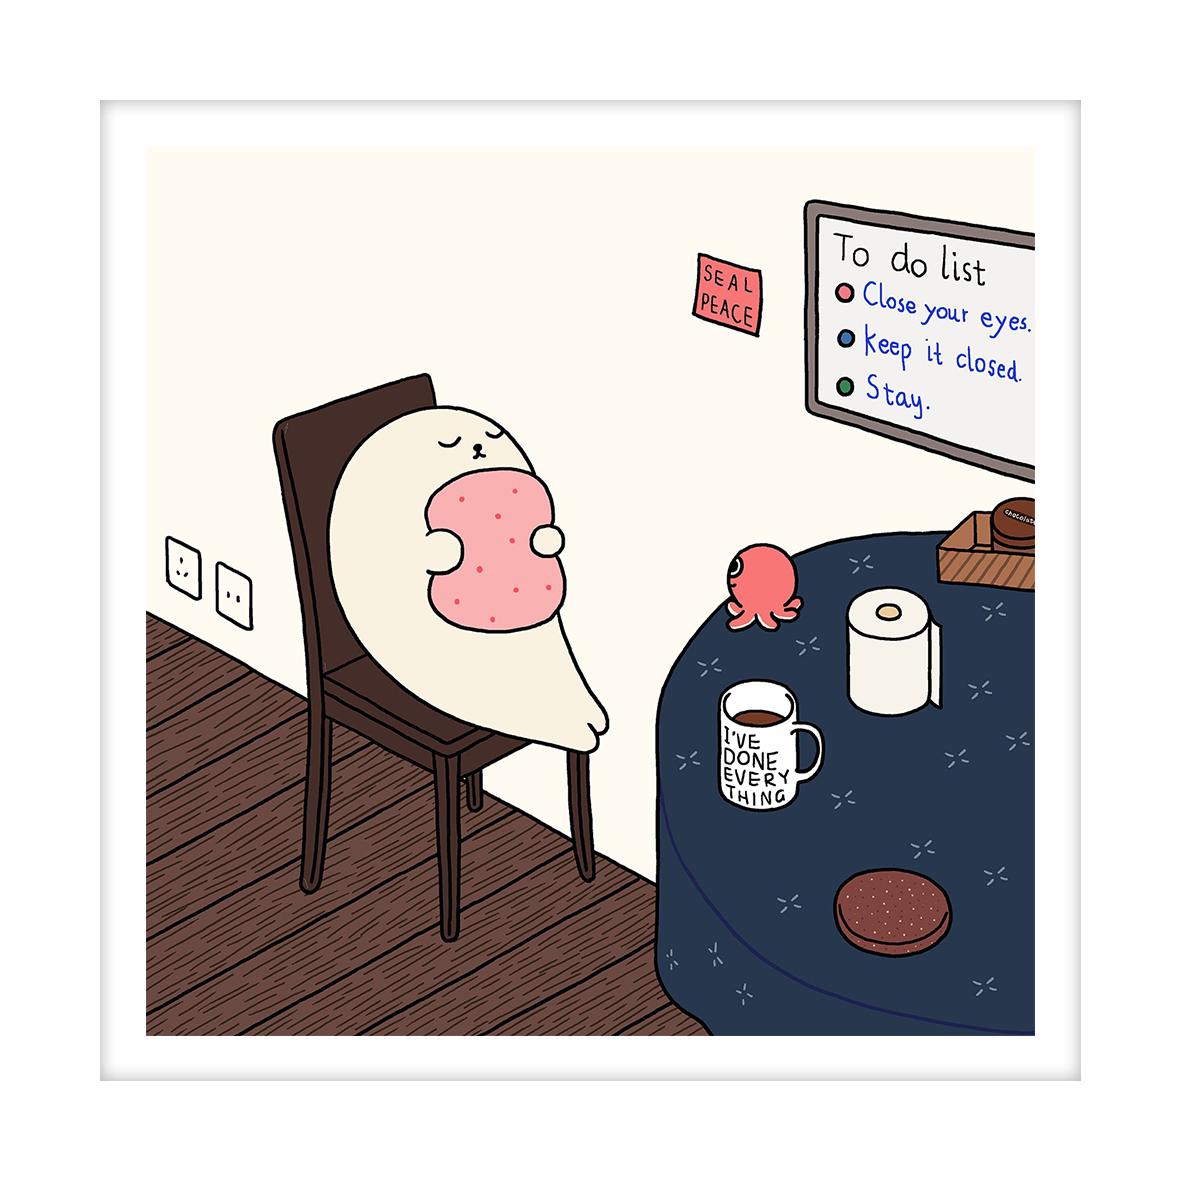 【王XX官方限量版画】小海豹系列|seal peace